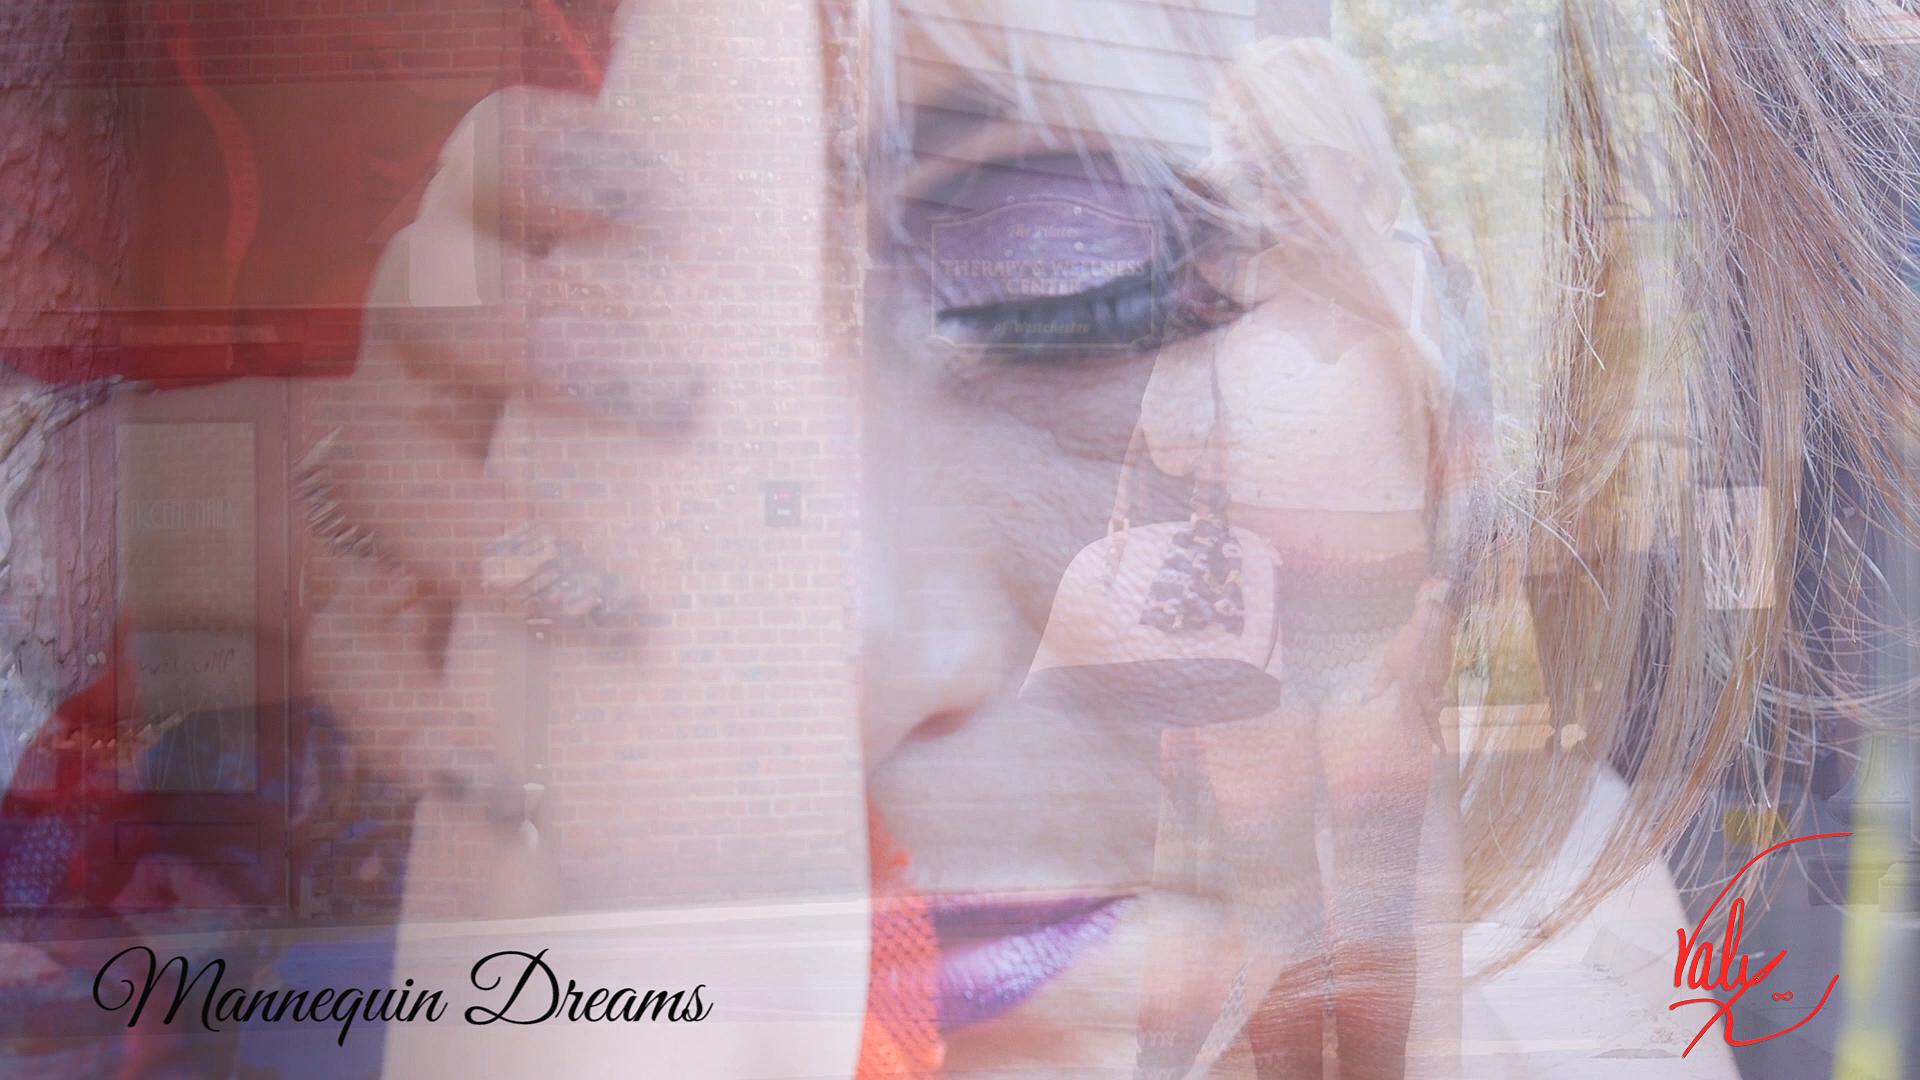 MANNEQUIN DREAMS feat. Giselle Ruiz